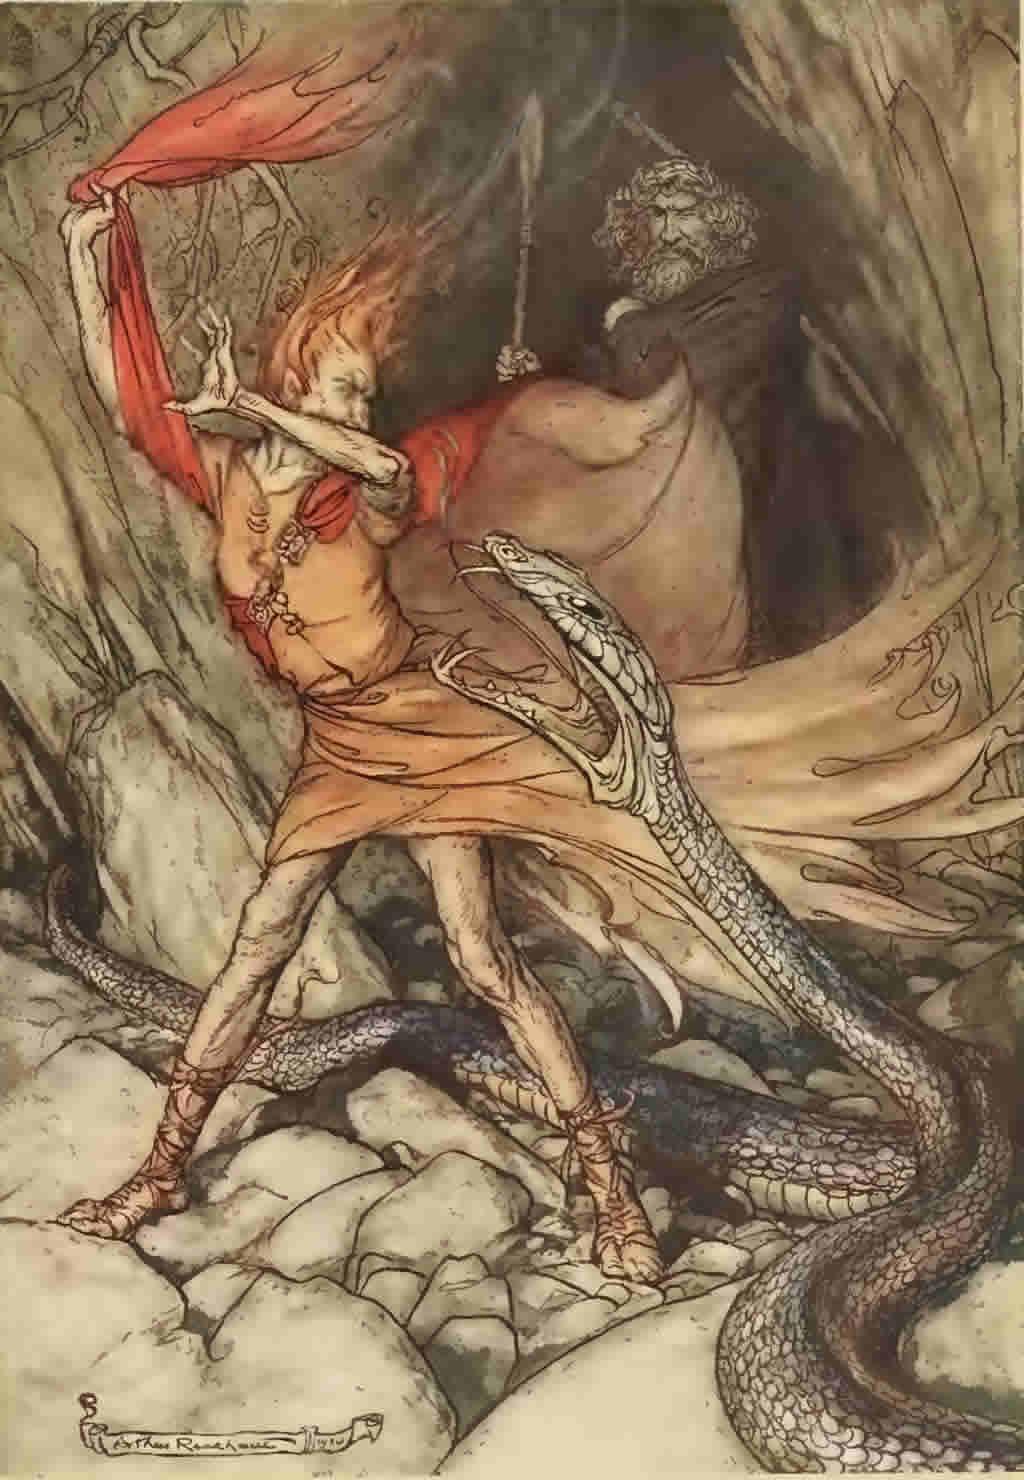 صحنهی سوم: آلبریشبا استفاده از تارنهلم به اژدها تبدیل میشود تا قدرتش را به لوگه و وتان اثبات کند